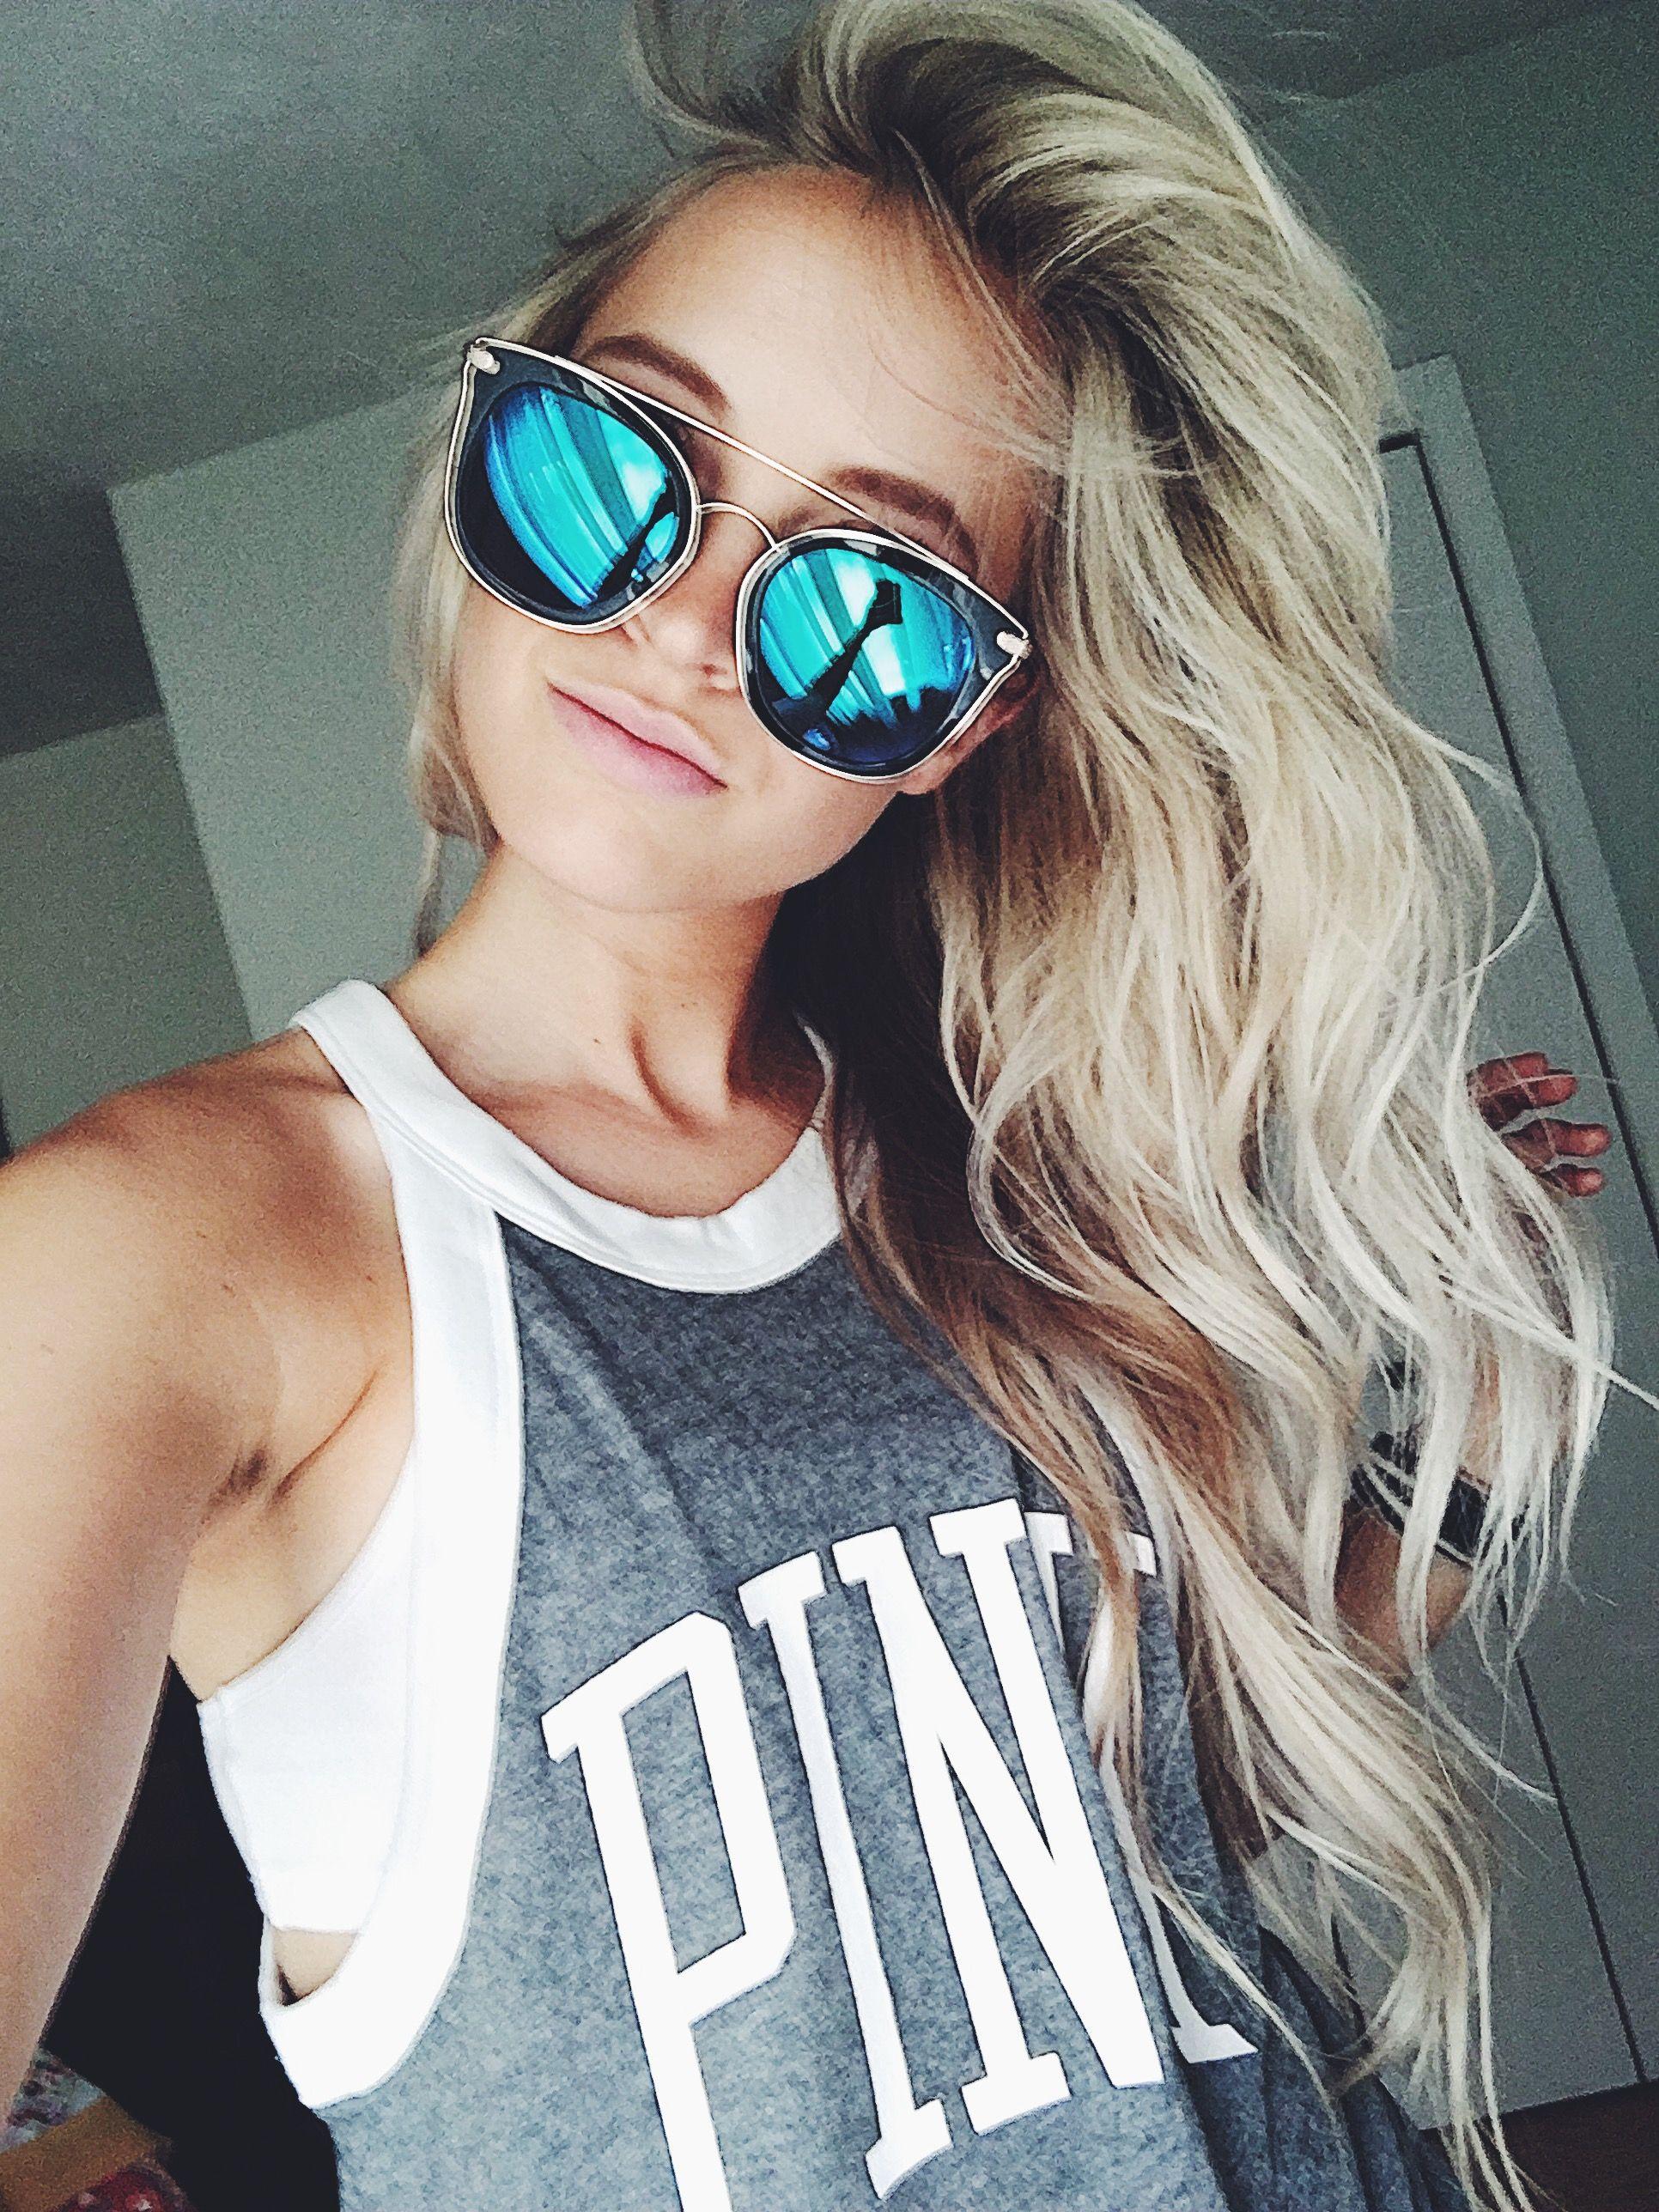 Pin by alyssa ballestero on hair u style pinterest eyewear